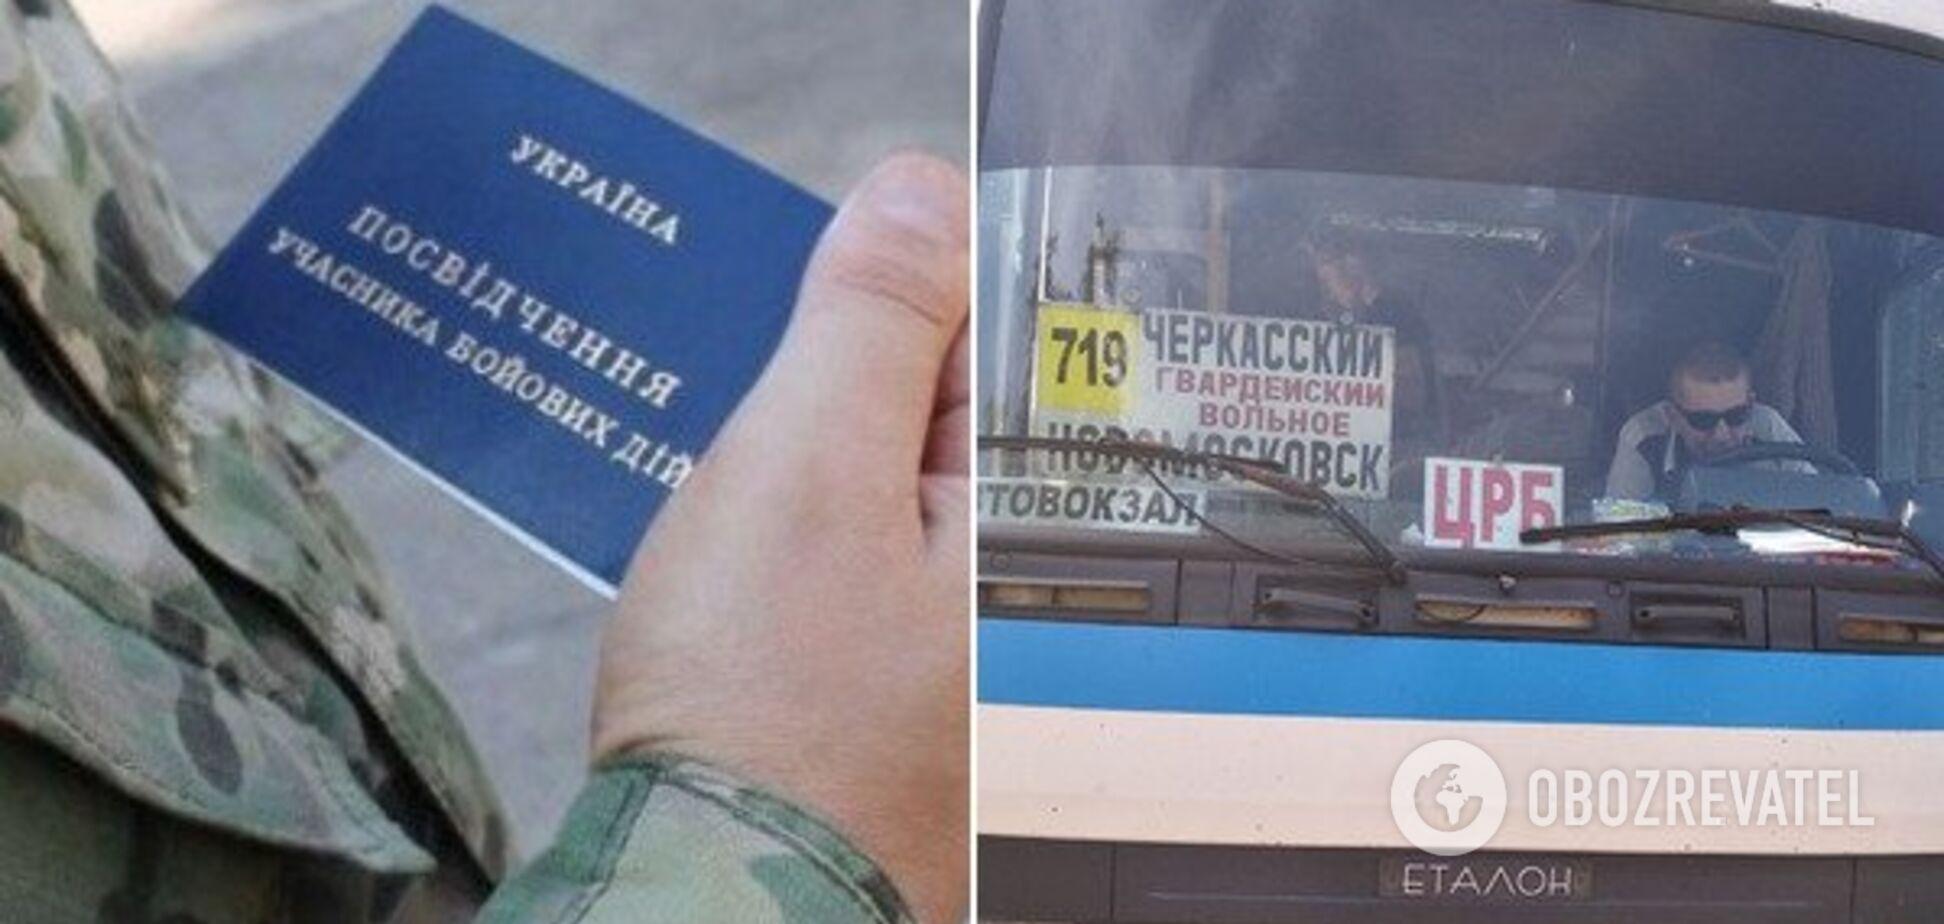 Під Дніпром водій маршрутки нагрубив ветерану АТО і пасажирці: в мережі обурені